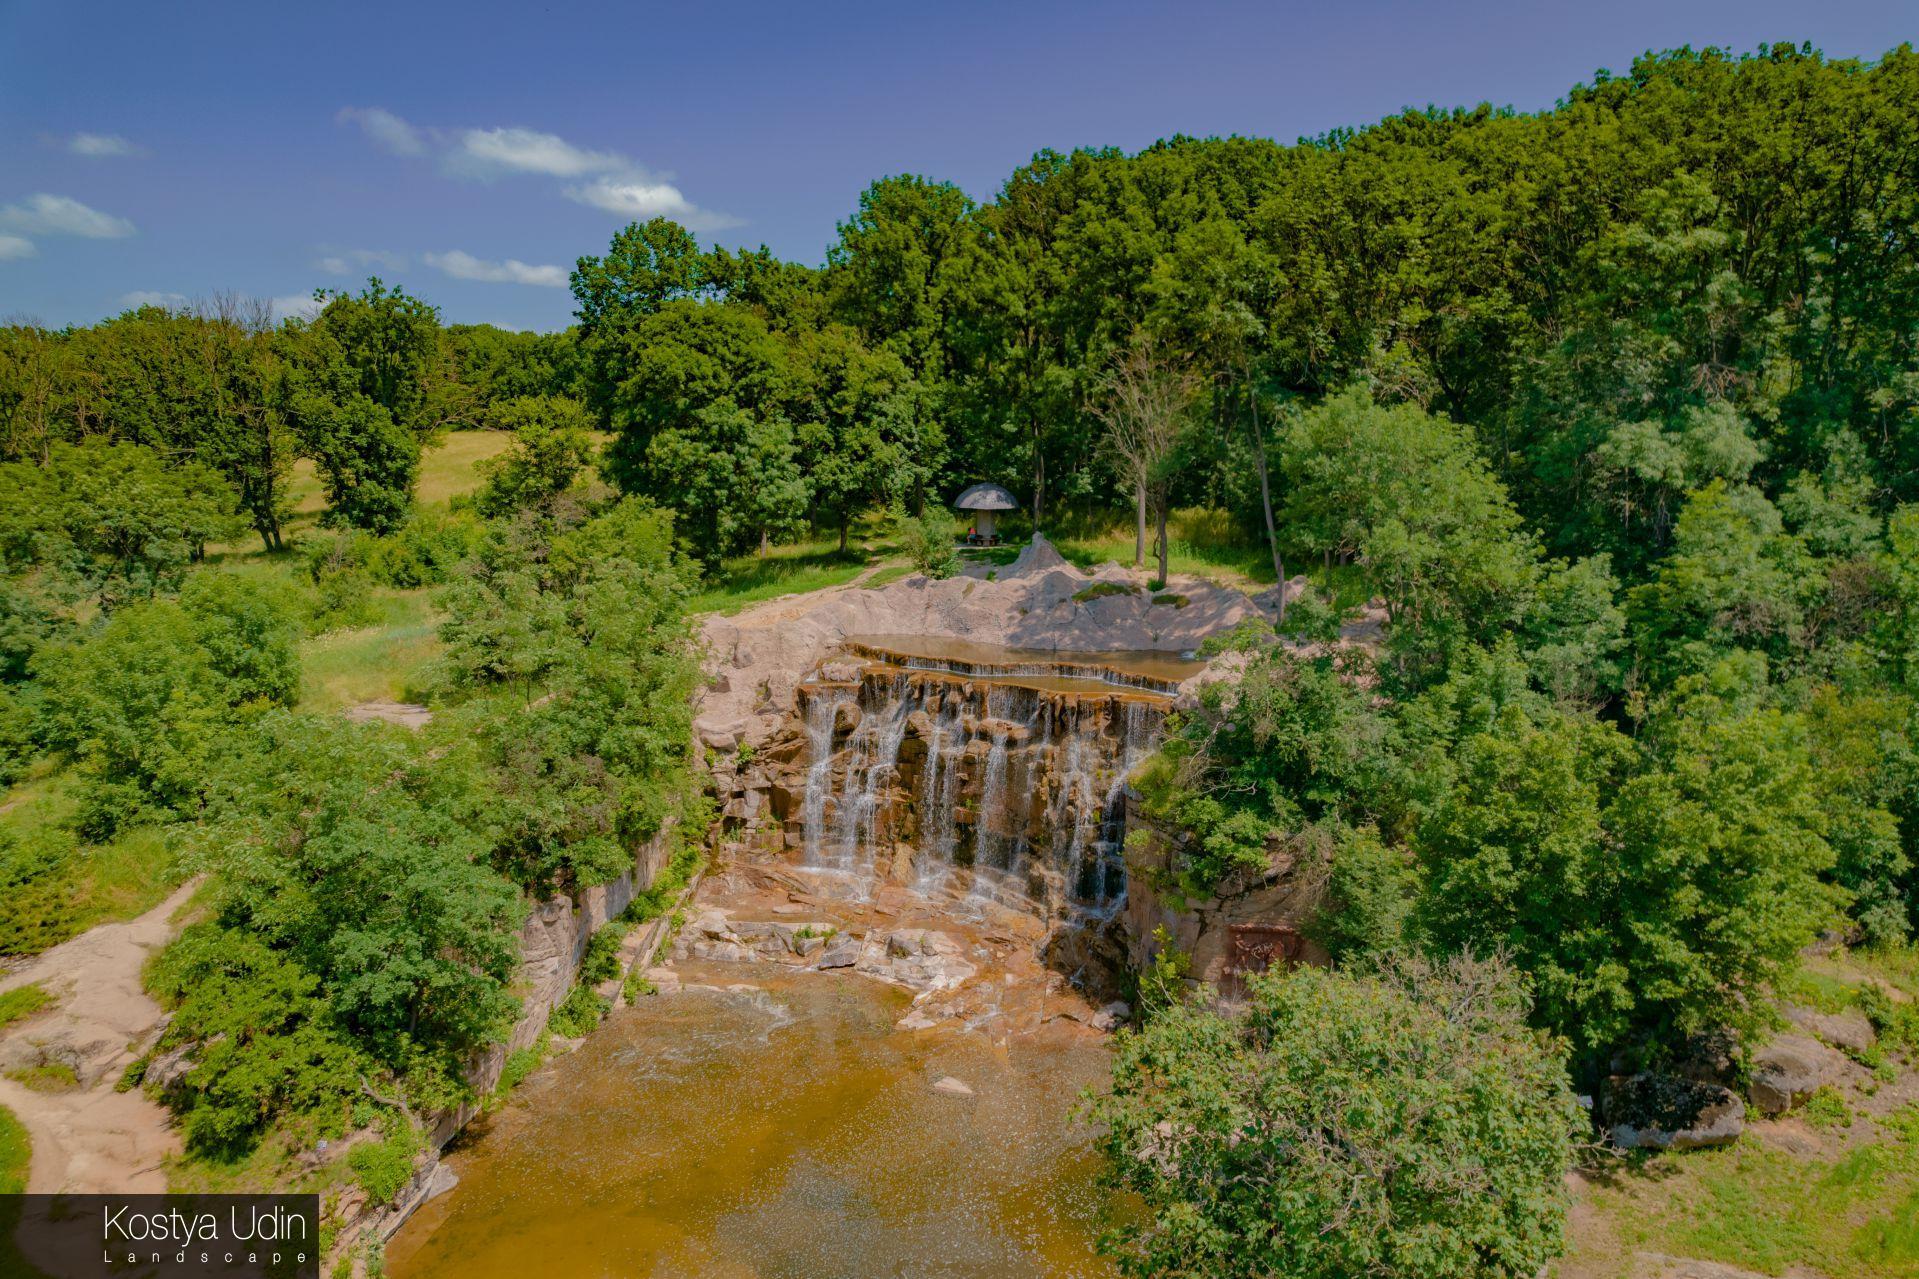 Водопад Горгона, вид с высоты птичьего полёта